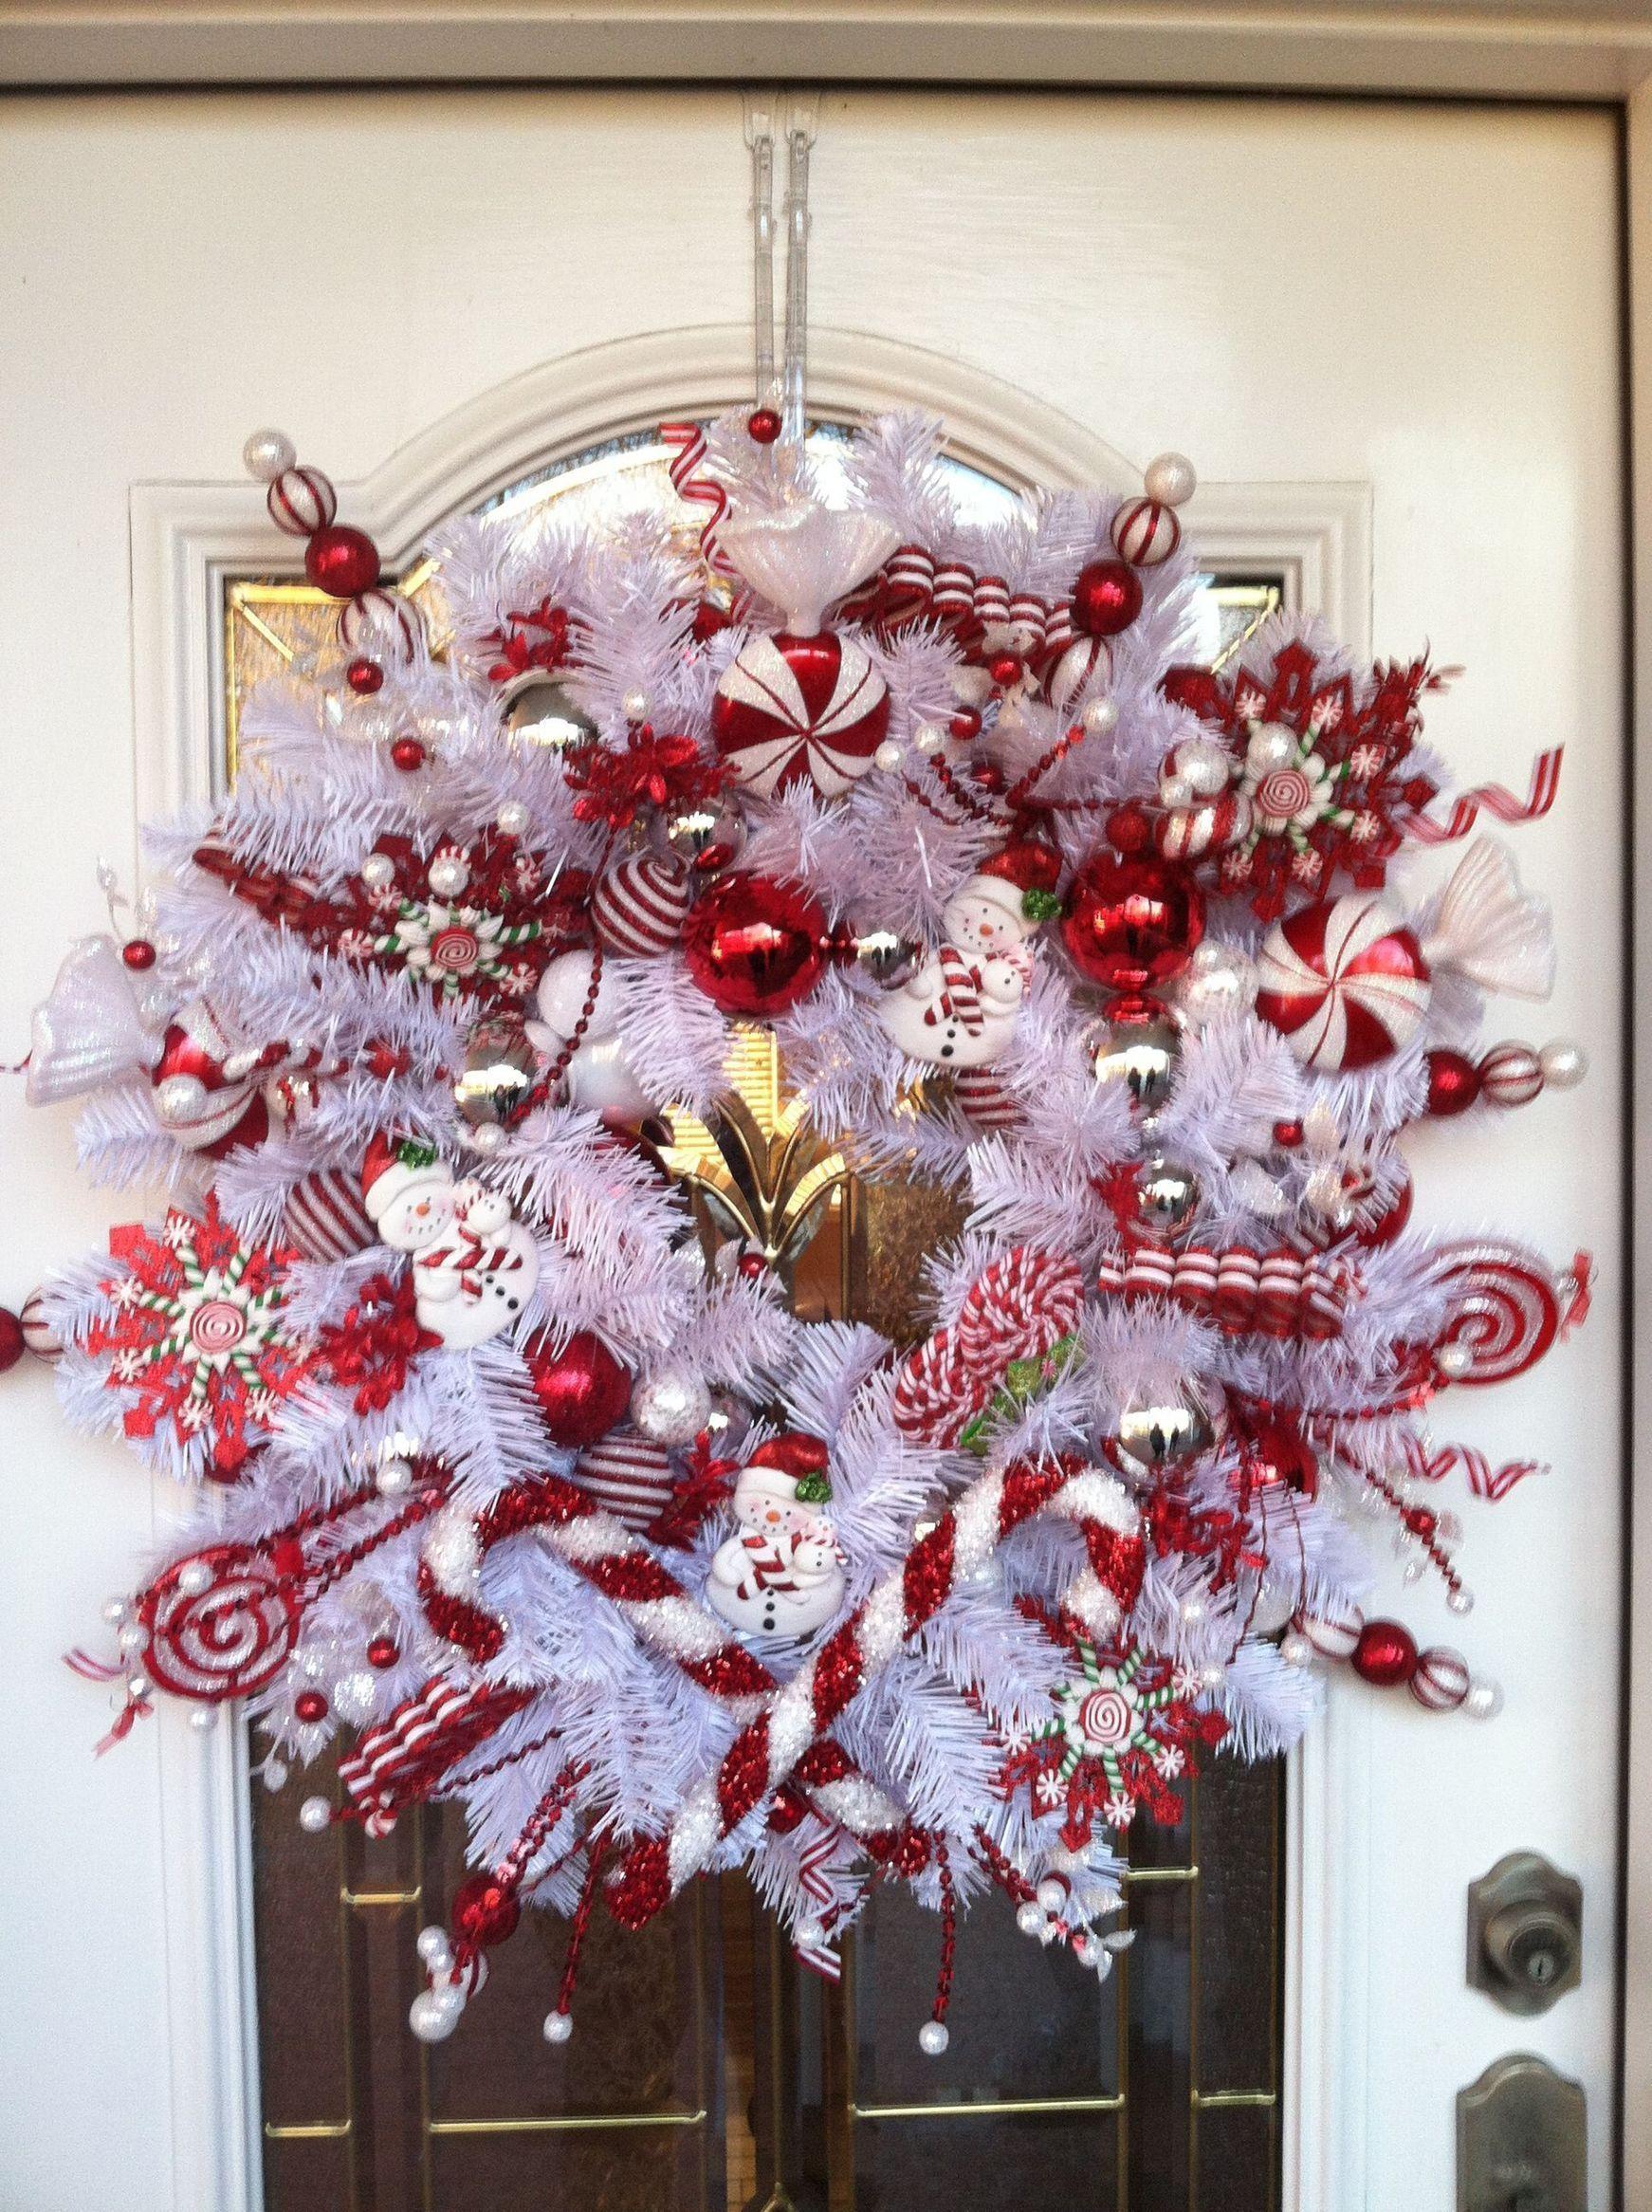 Christmas Craft Ideas 2019.Pin On A Christmas Wreath 2019